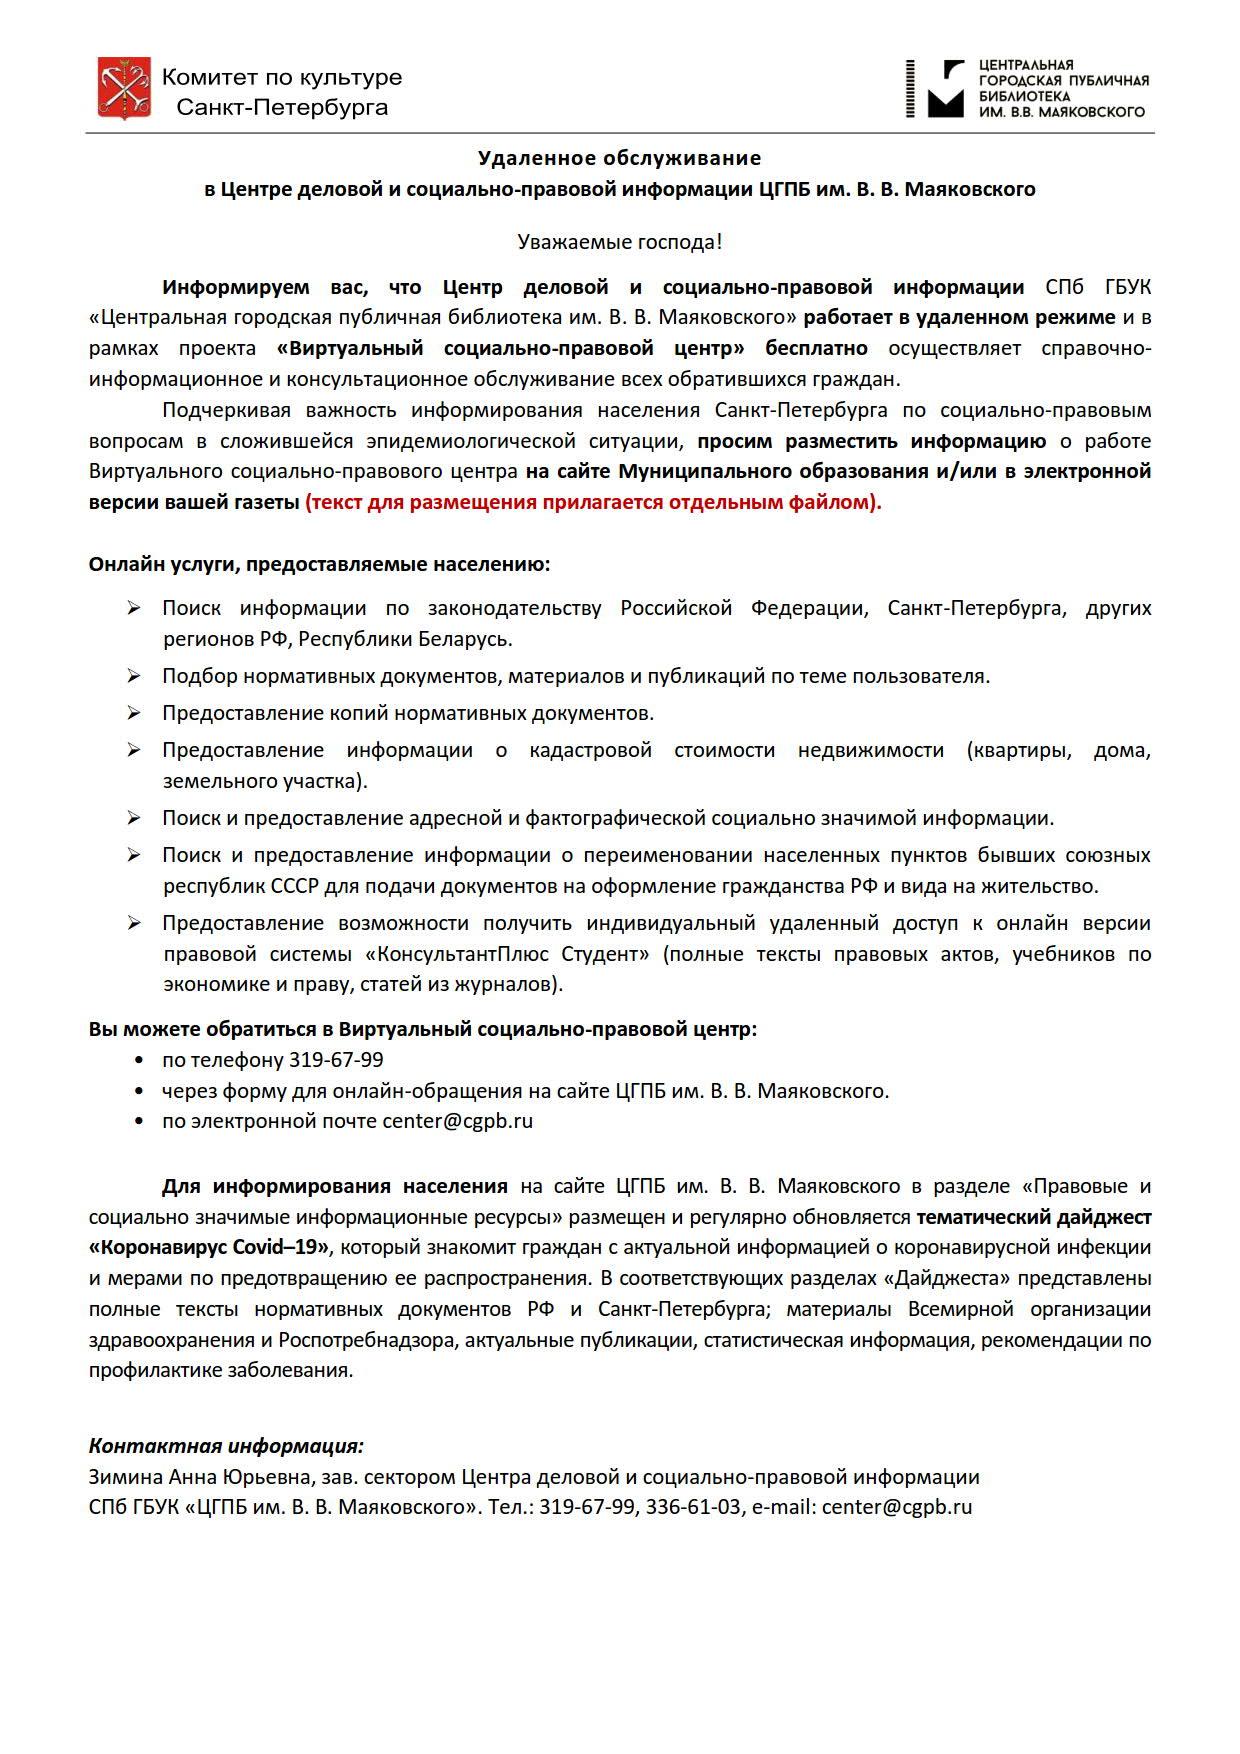 Информационное письмо в МО_1